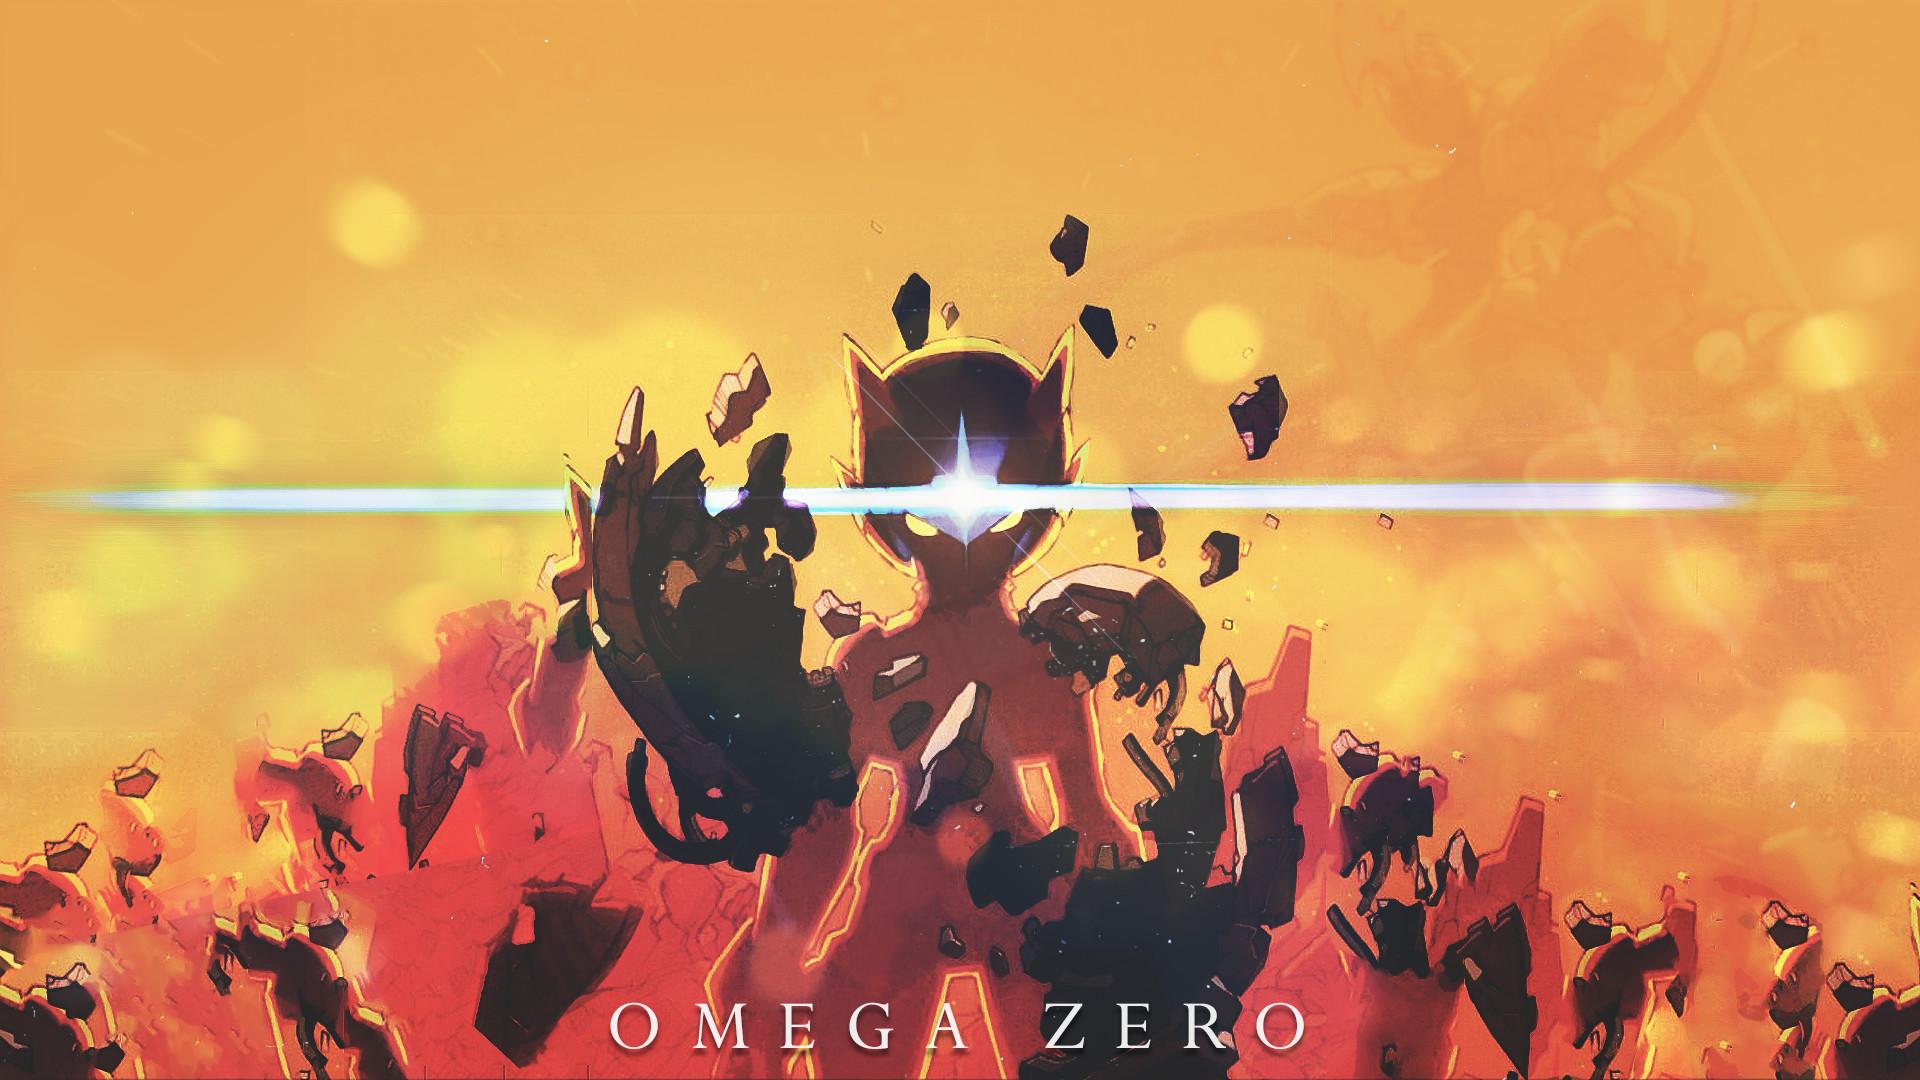 Omega Zero Wallpaper by RekaVM Omega Zero Wallpaper by RekaVM